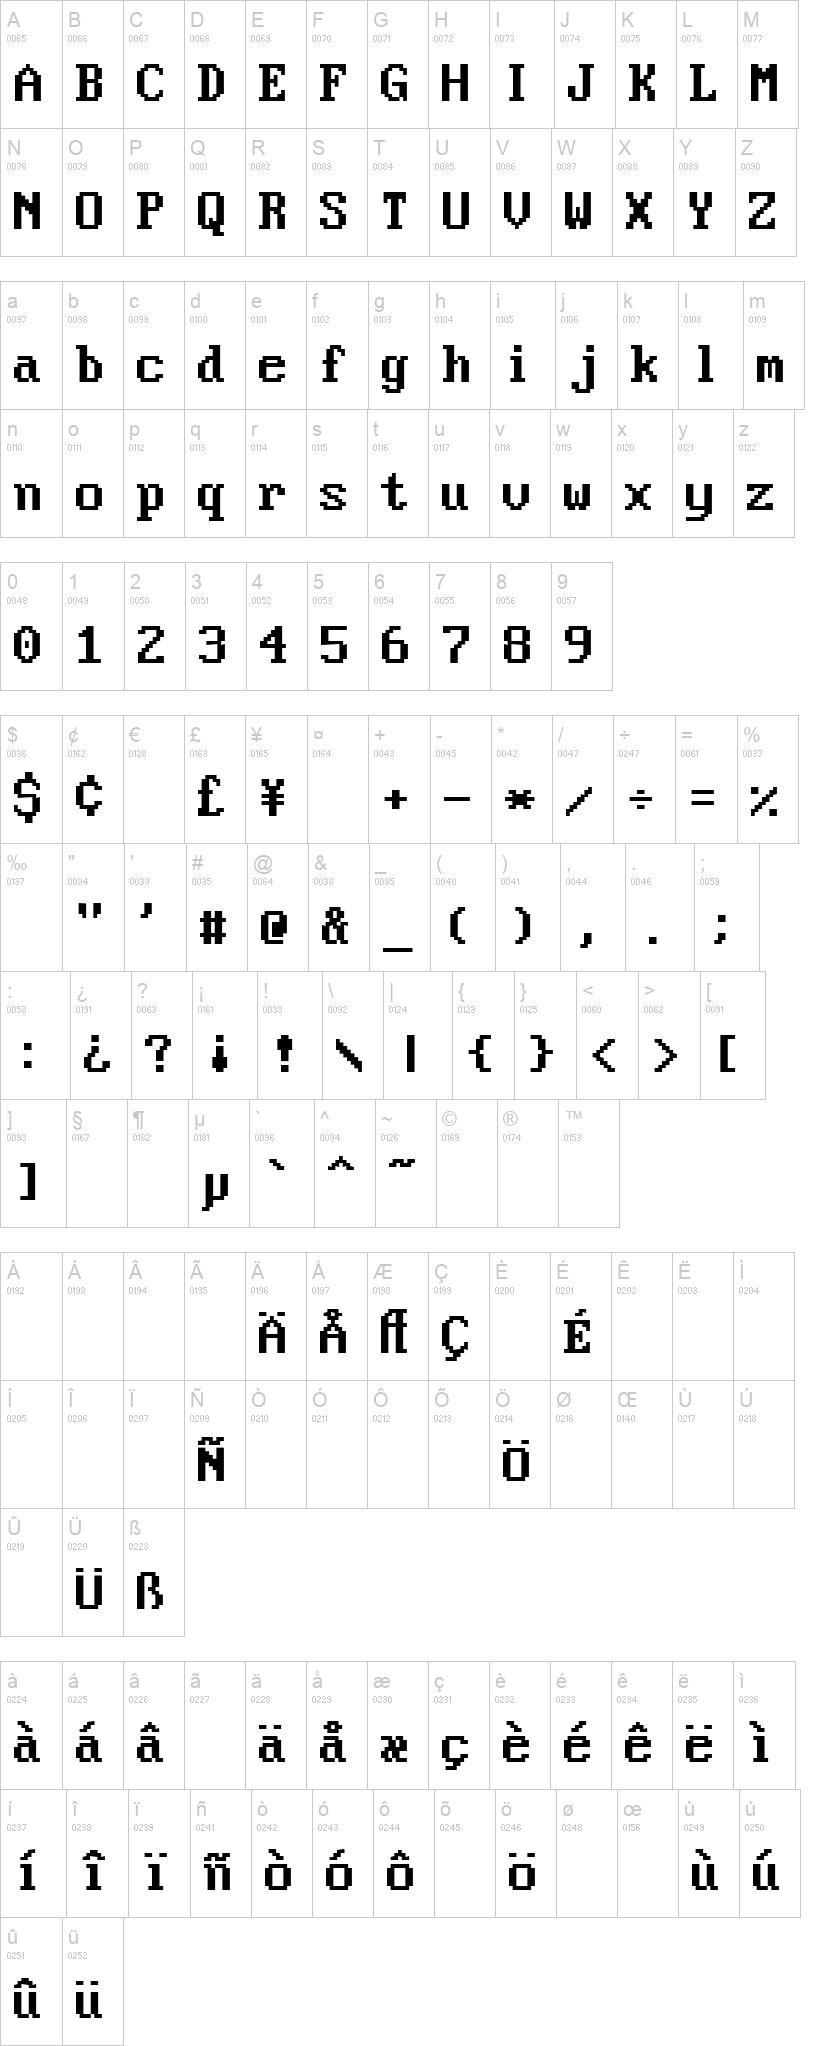 Perfect DOS VGA 437 Font | dafont com